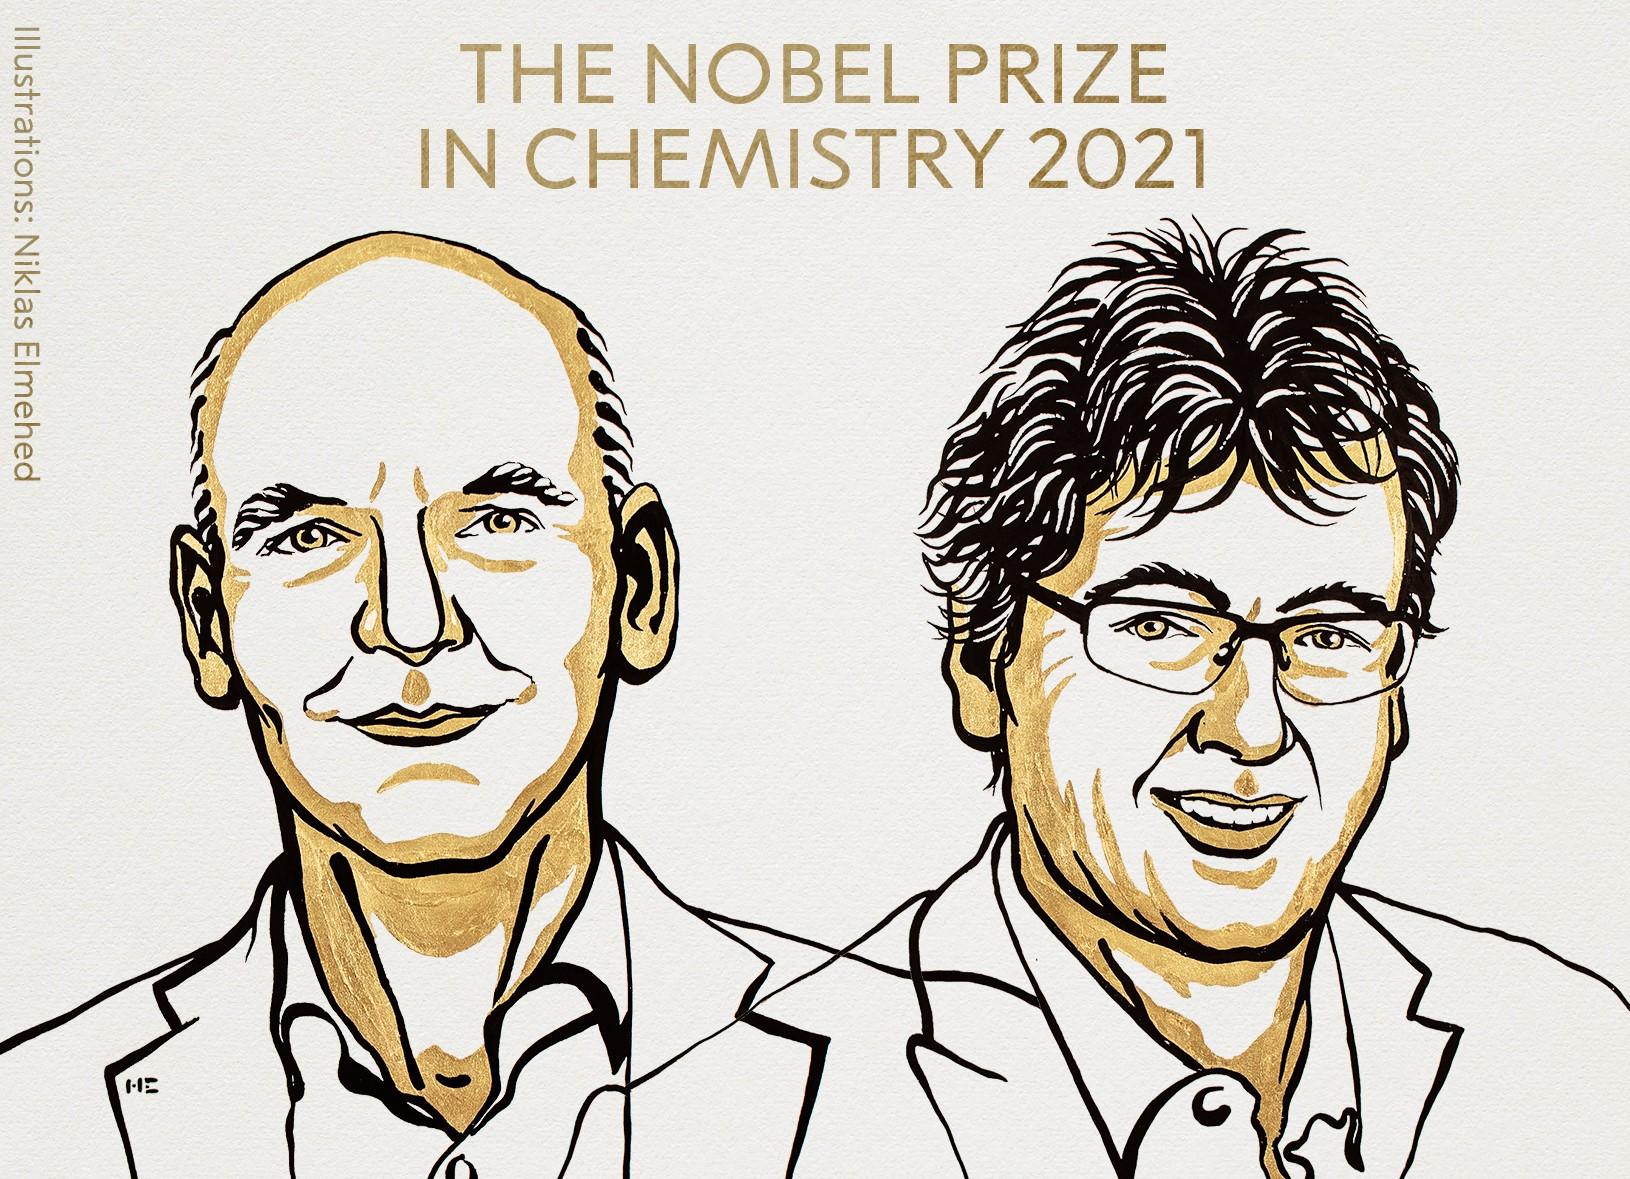 Объявлены лауреаты Нобелевской премии по химии в 2021 году / фото twitter.com/NobelPrize